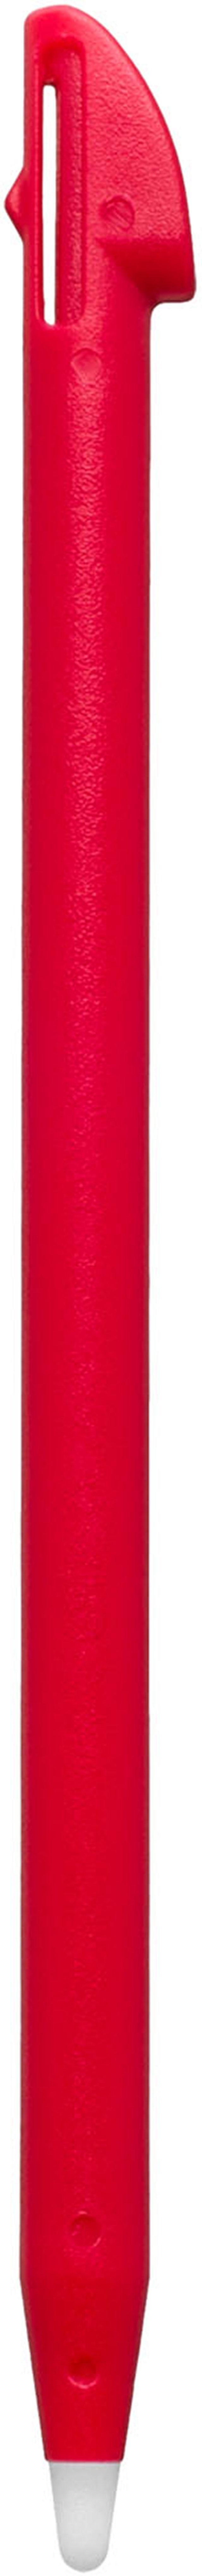 PACK PURE XL – Bild#2tutu#4tutu#6tutu#8tutu#10tutu#11